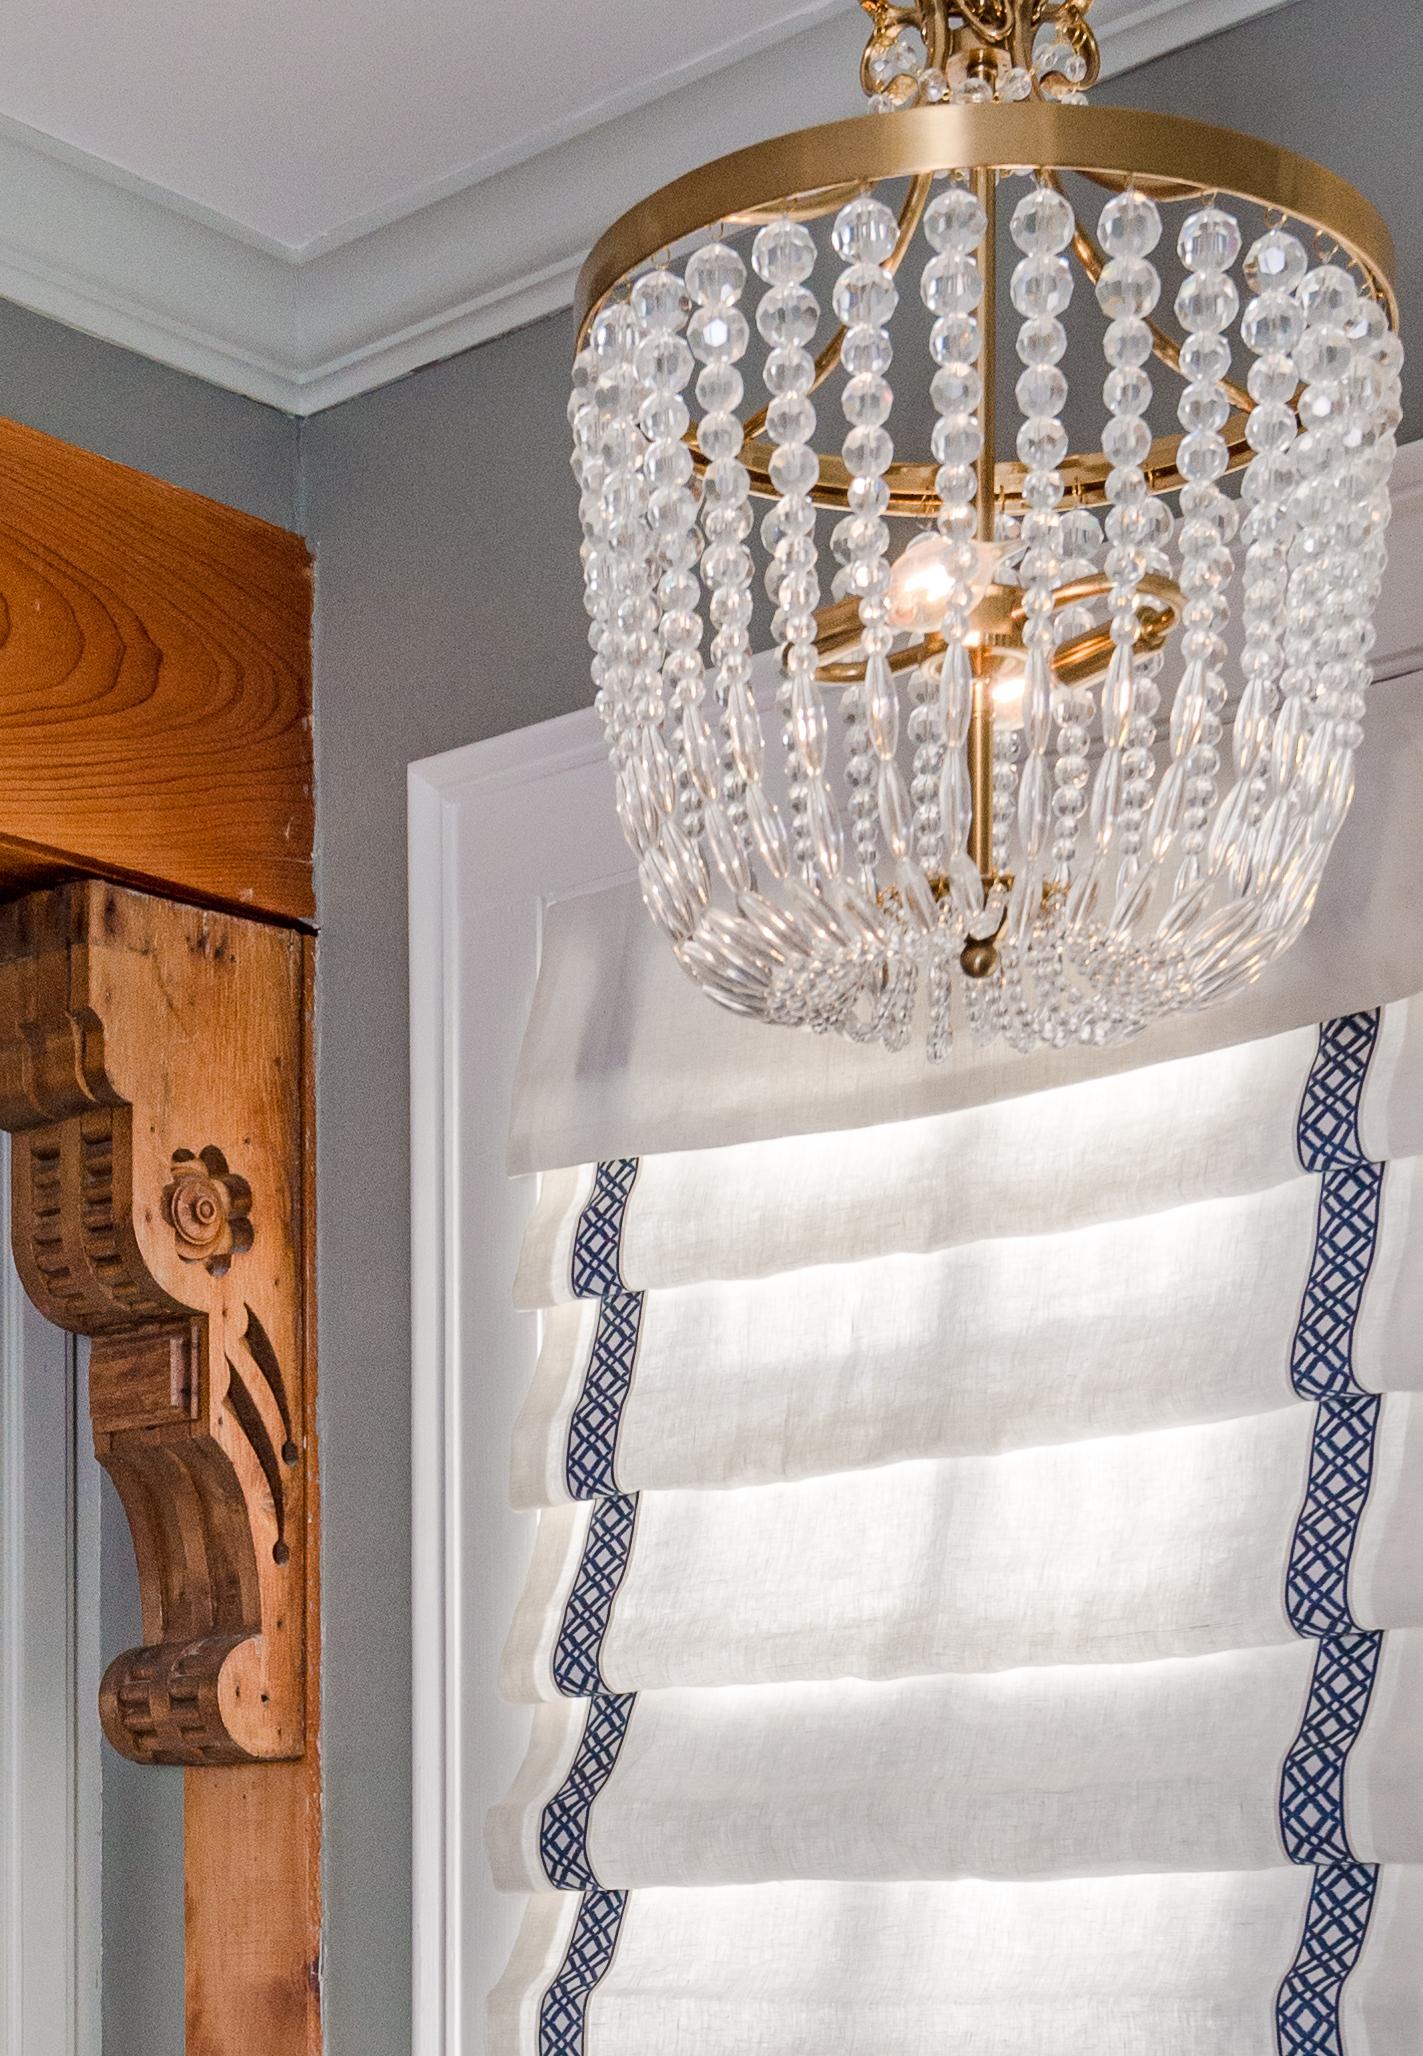 kitchen chandelier ideas metairie uptown luxury interior design khb interiors